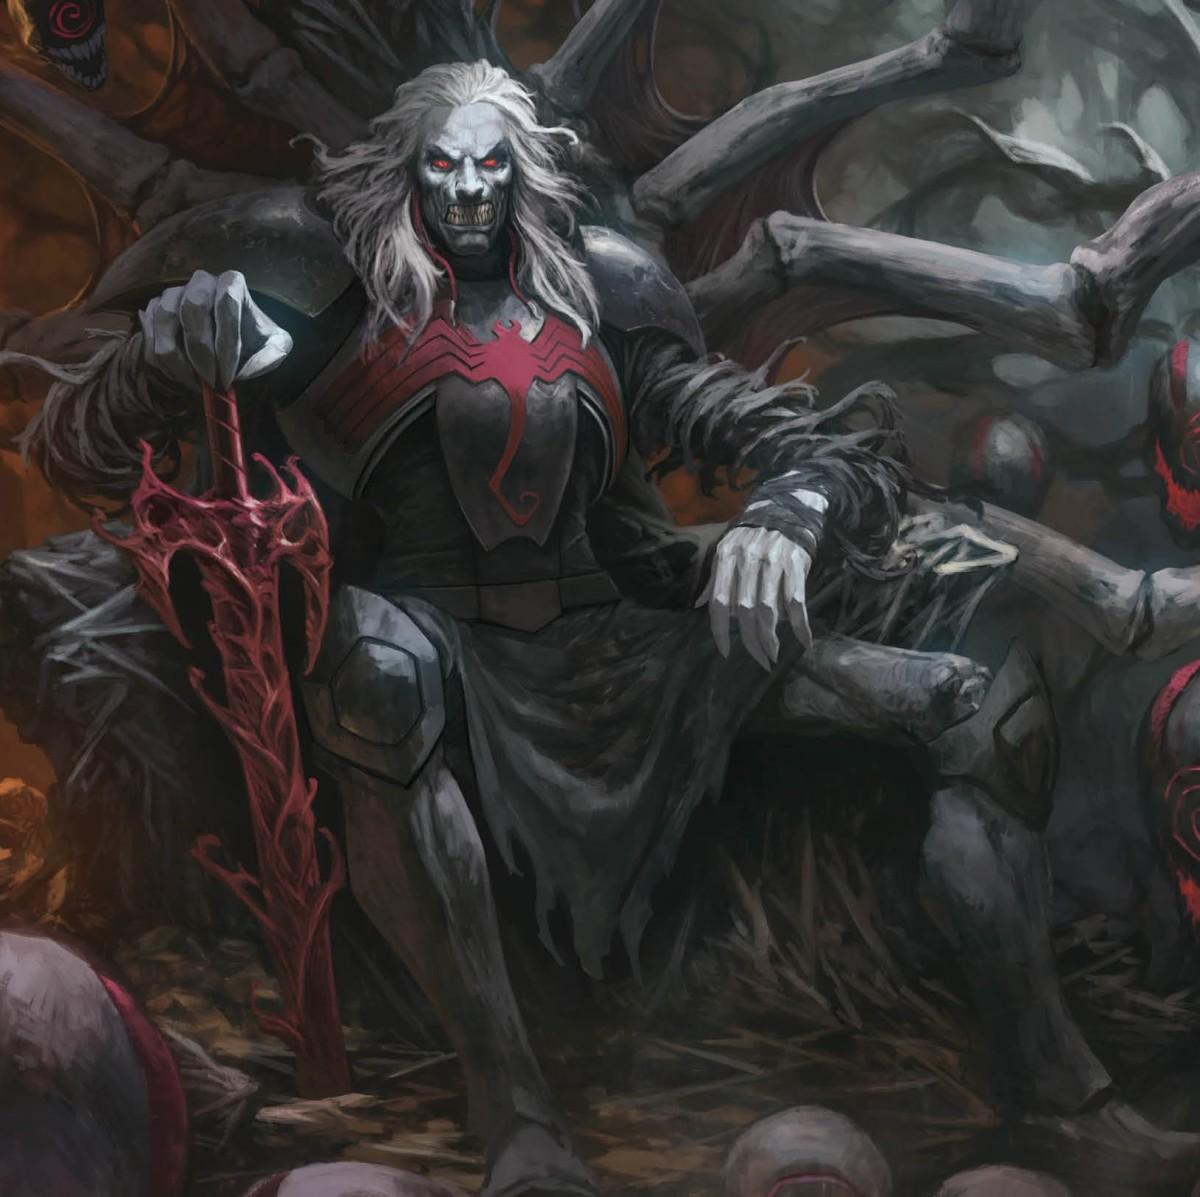 Evil god Knull